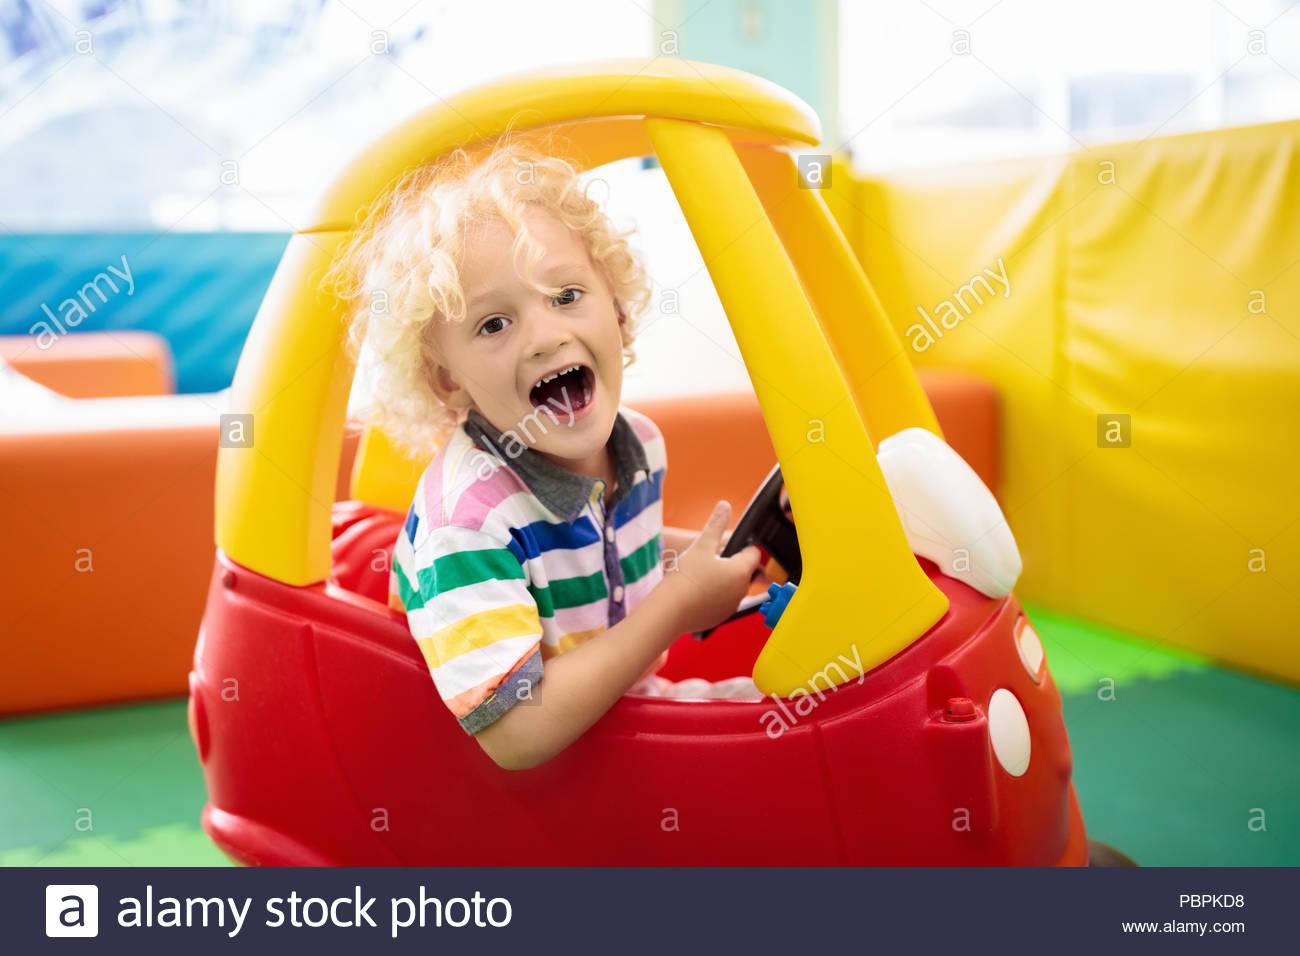 Équitation Enfant Petite Voiture. Petit Garçon Jouant Avec dedans Les Jeux Des Garçons De Voiture